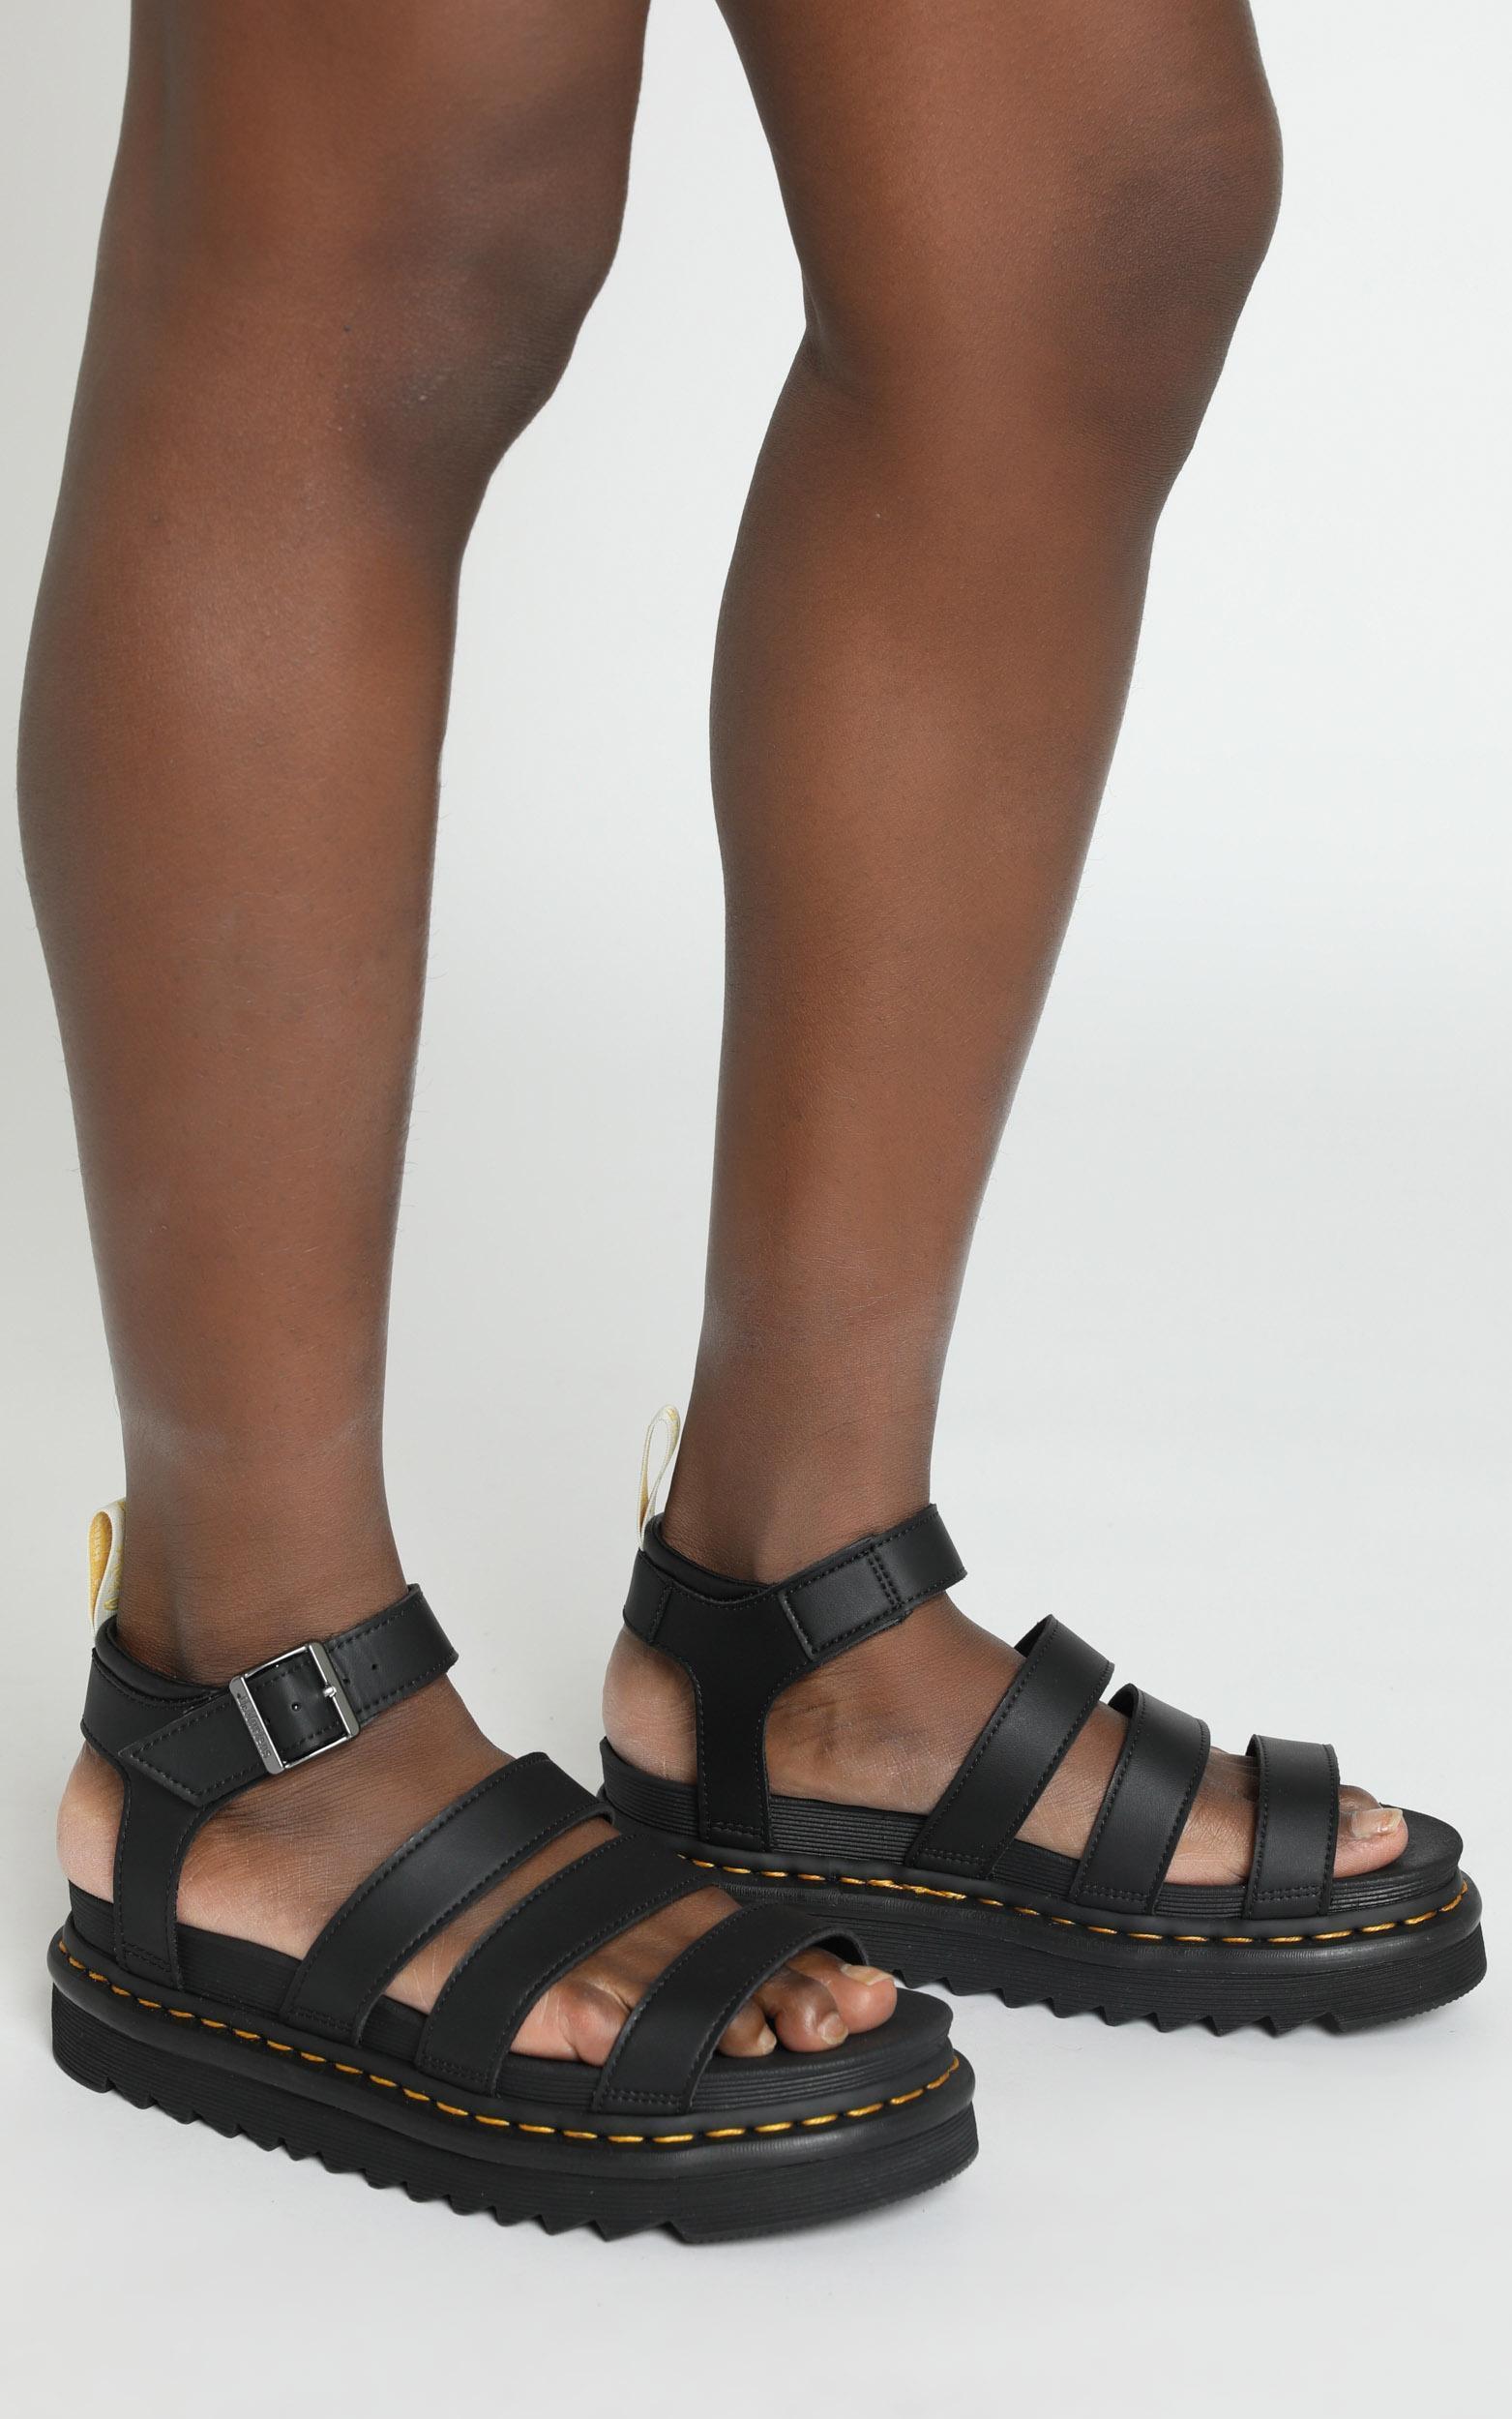 Dr. Martens - Vegan Blaire Chunk Sandal in Black - 5, Black, hi-res image number null